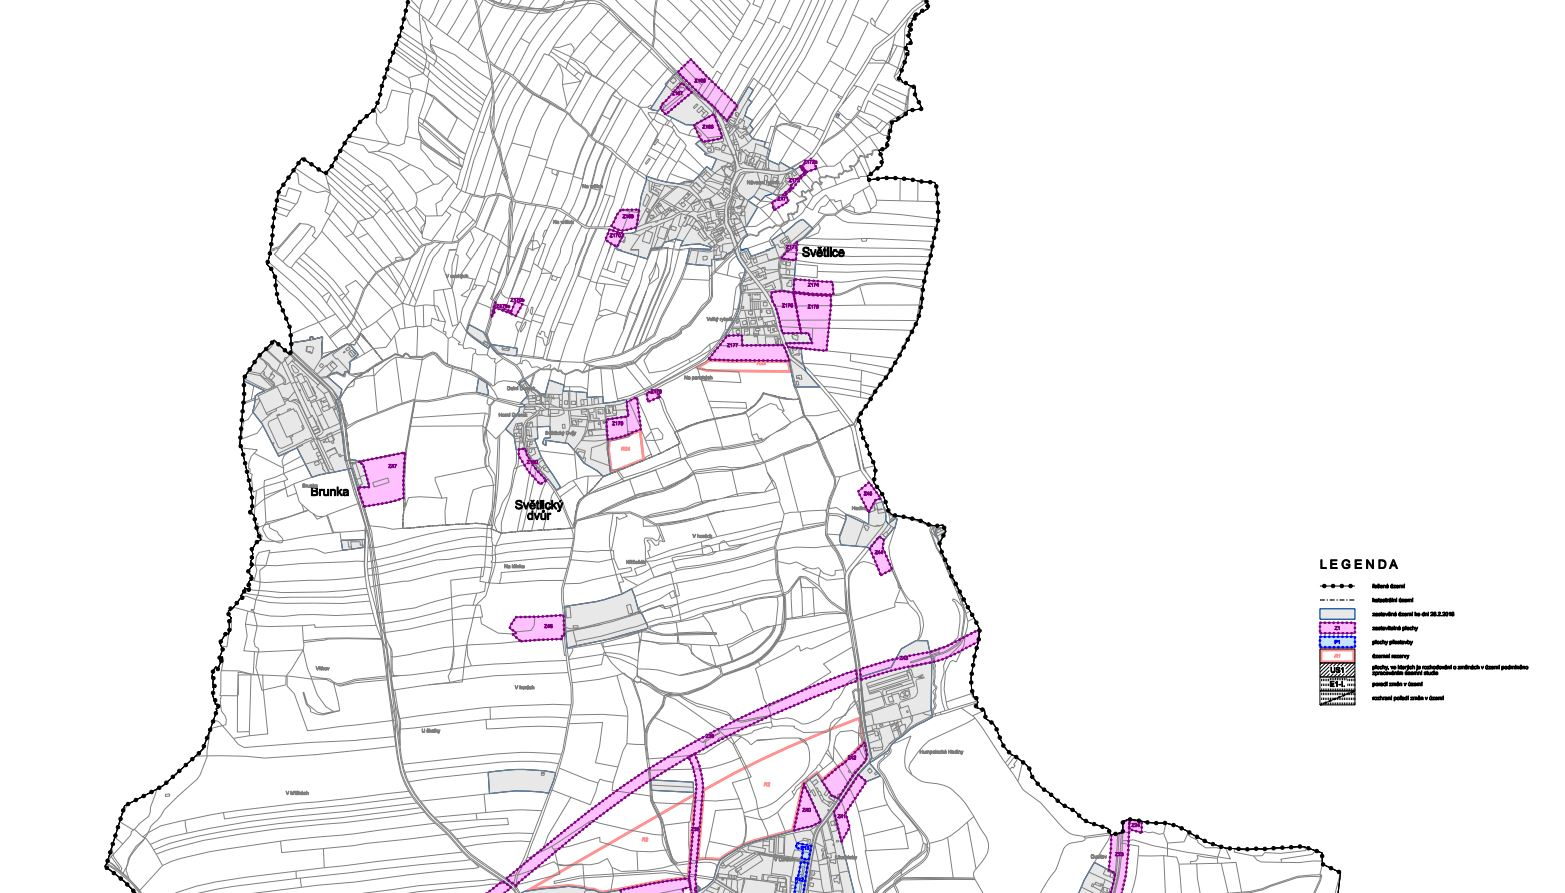 Územní plán Humpolec – úplné znění po vydání změny č. 5